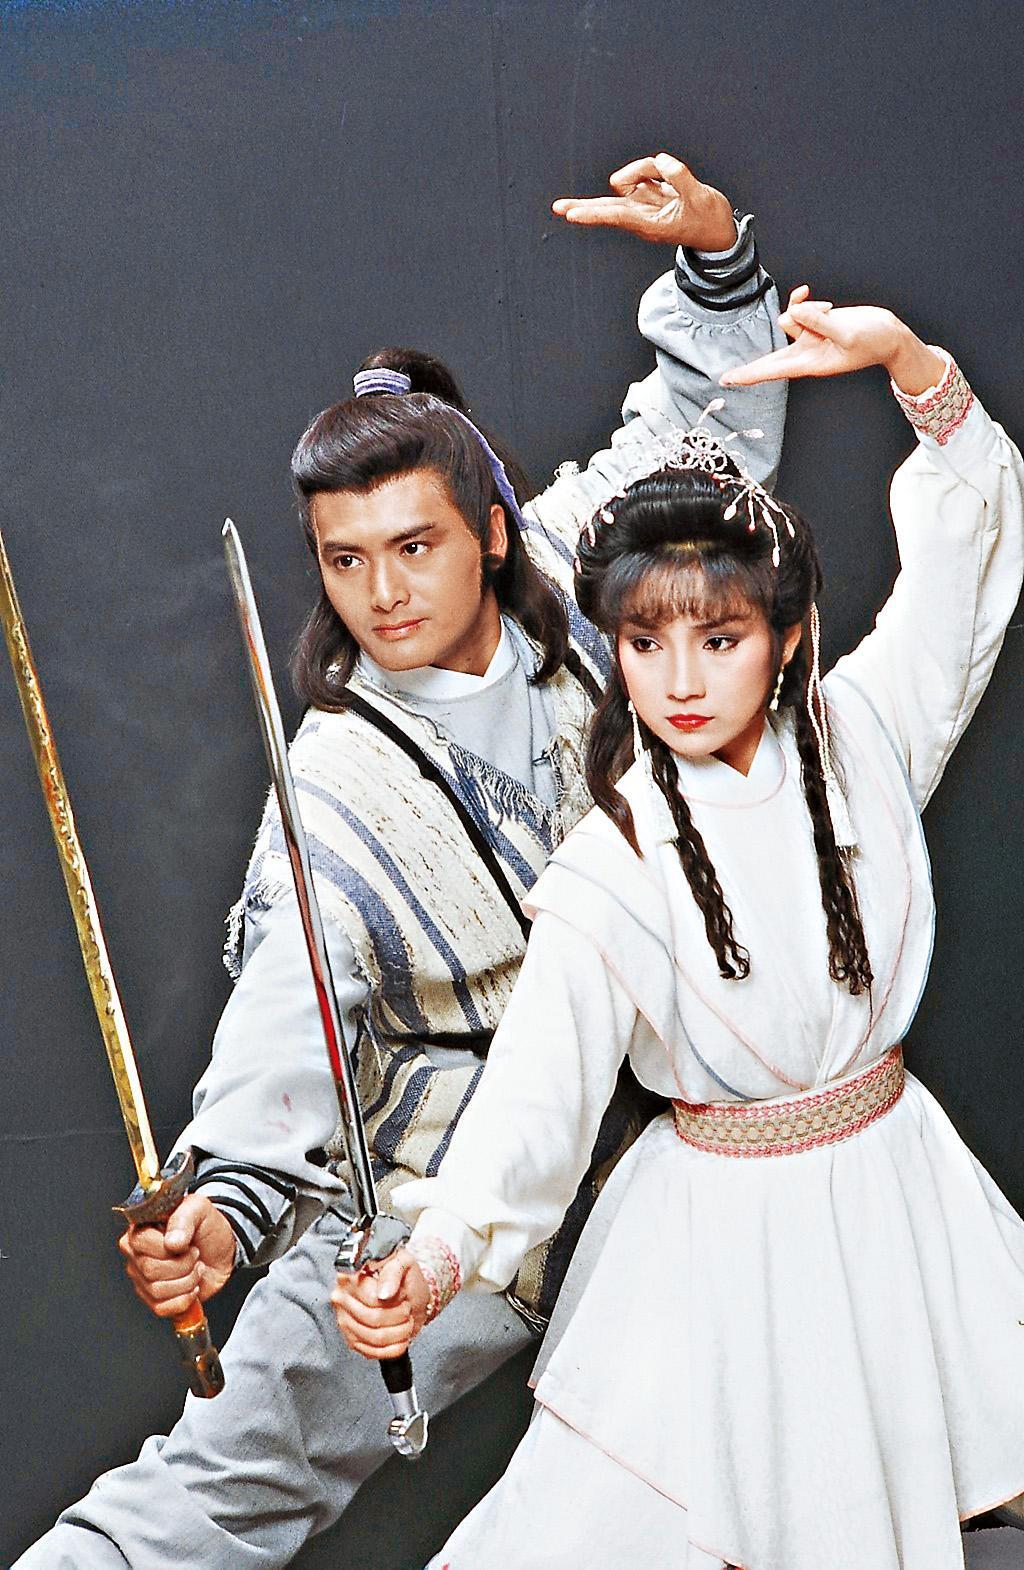 周潤發(右上圖左)、戚美珍(右上圖右)主演的《笑傲江湖》等經典金庸系列港劇,是KKTV為了在地化所購買的戲劇。(KKTV提供)